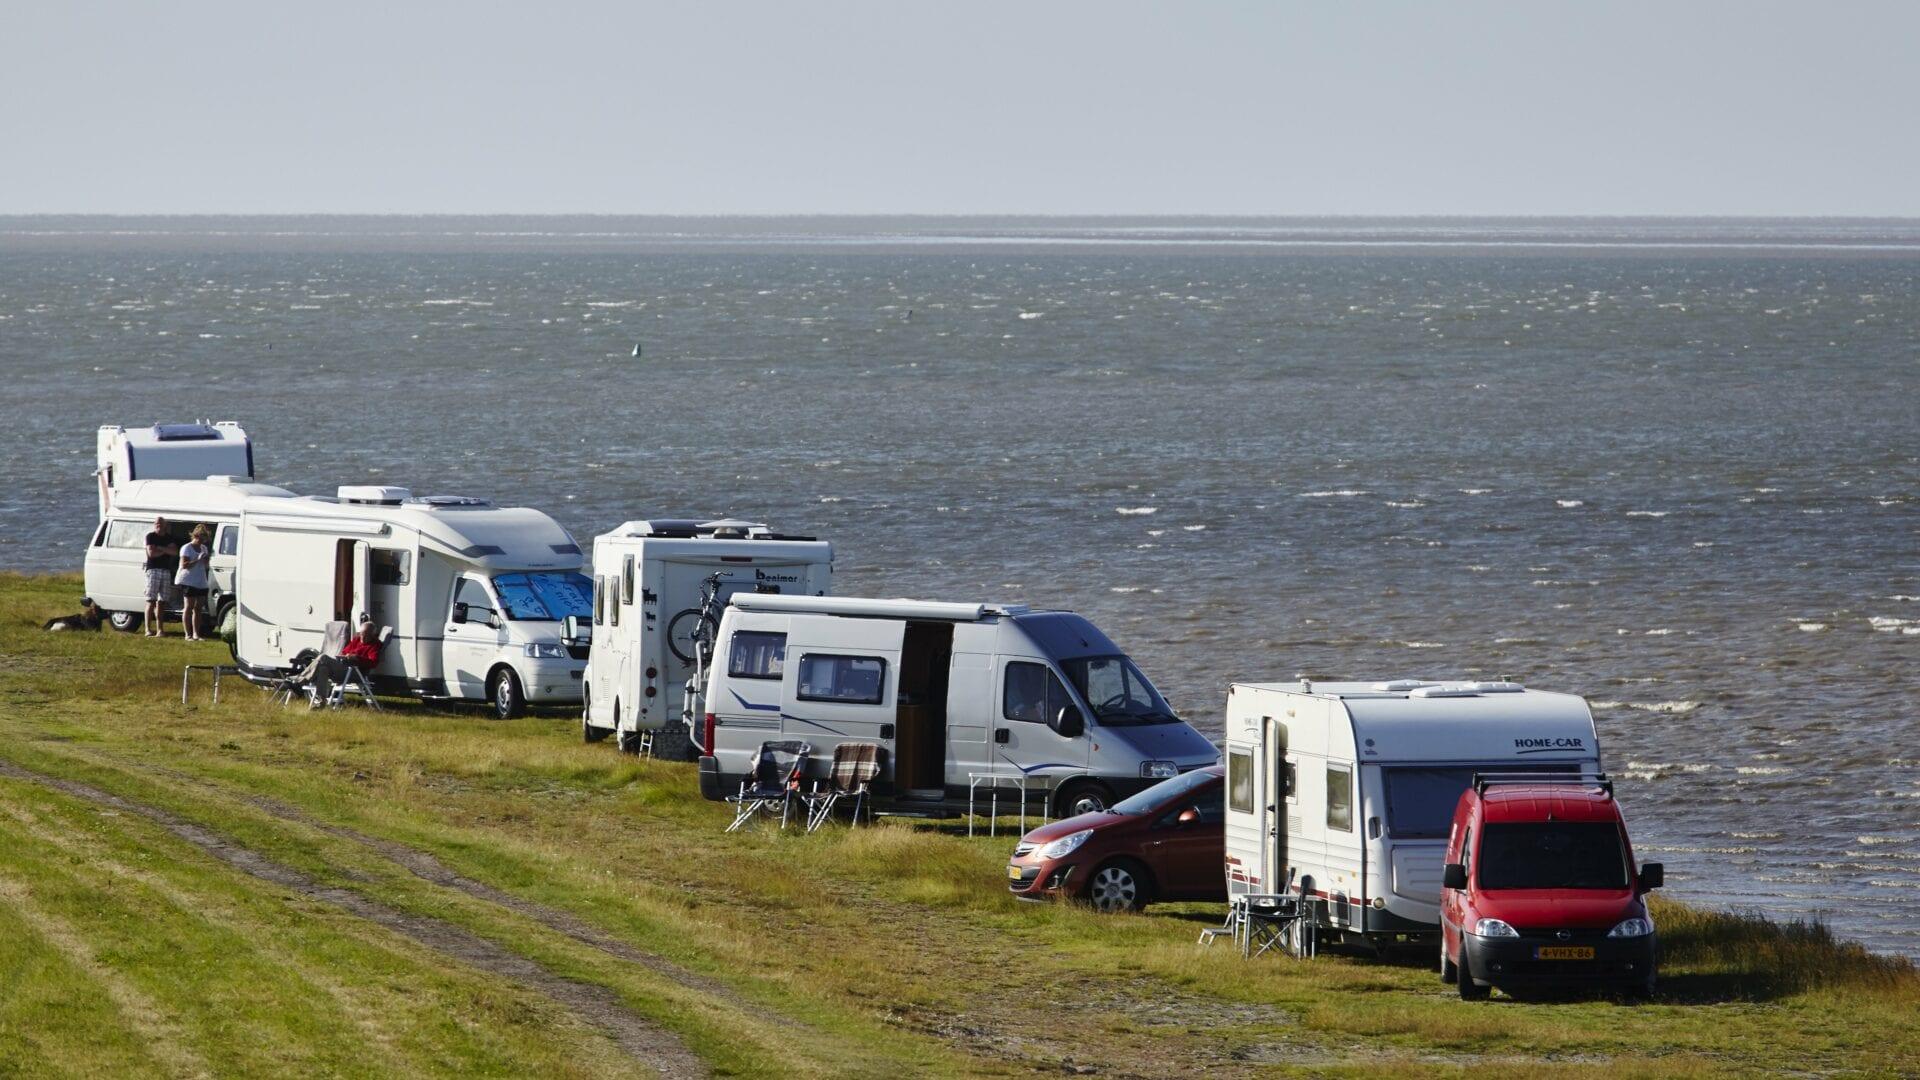 Kornwerderzand met campercamping. Aan het water zie je een stuk gras met vijf campers.